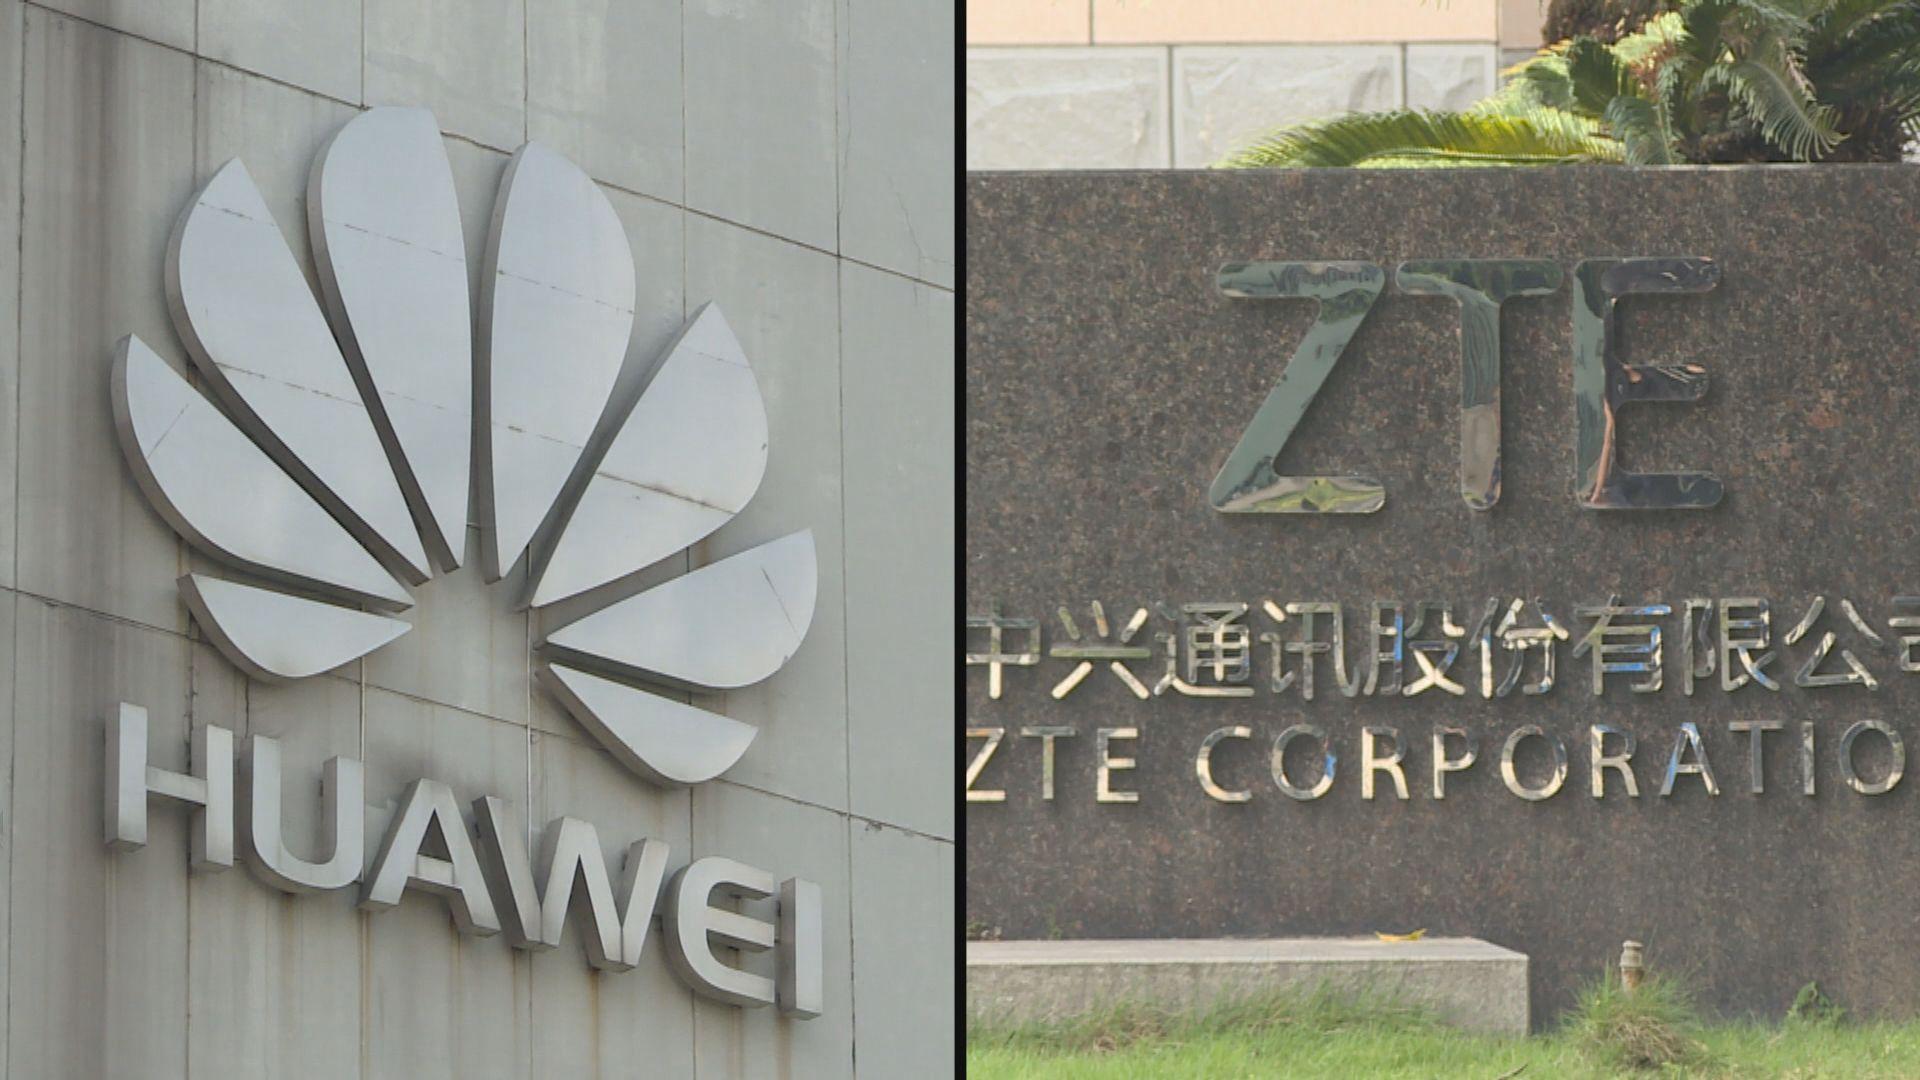 據報美國將撥款19億美元移除華為及中興網絡設備